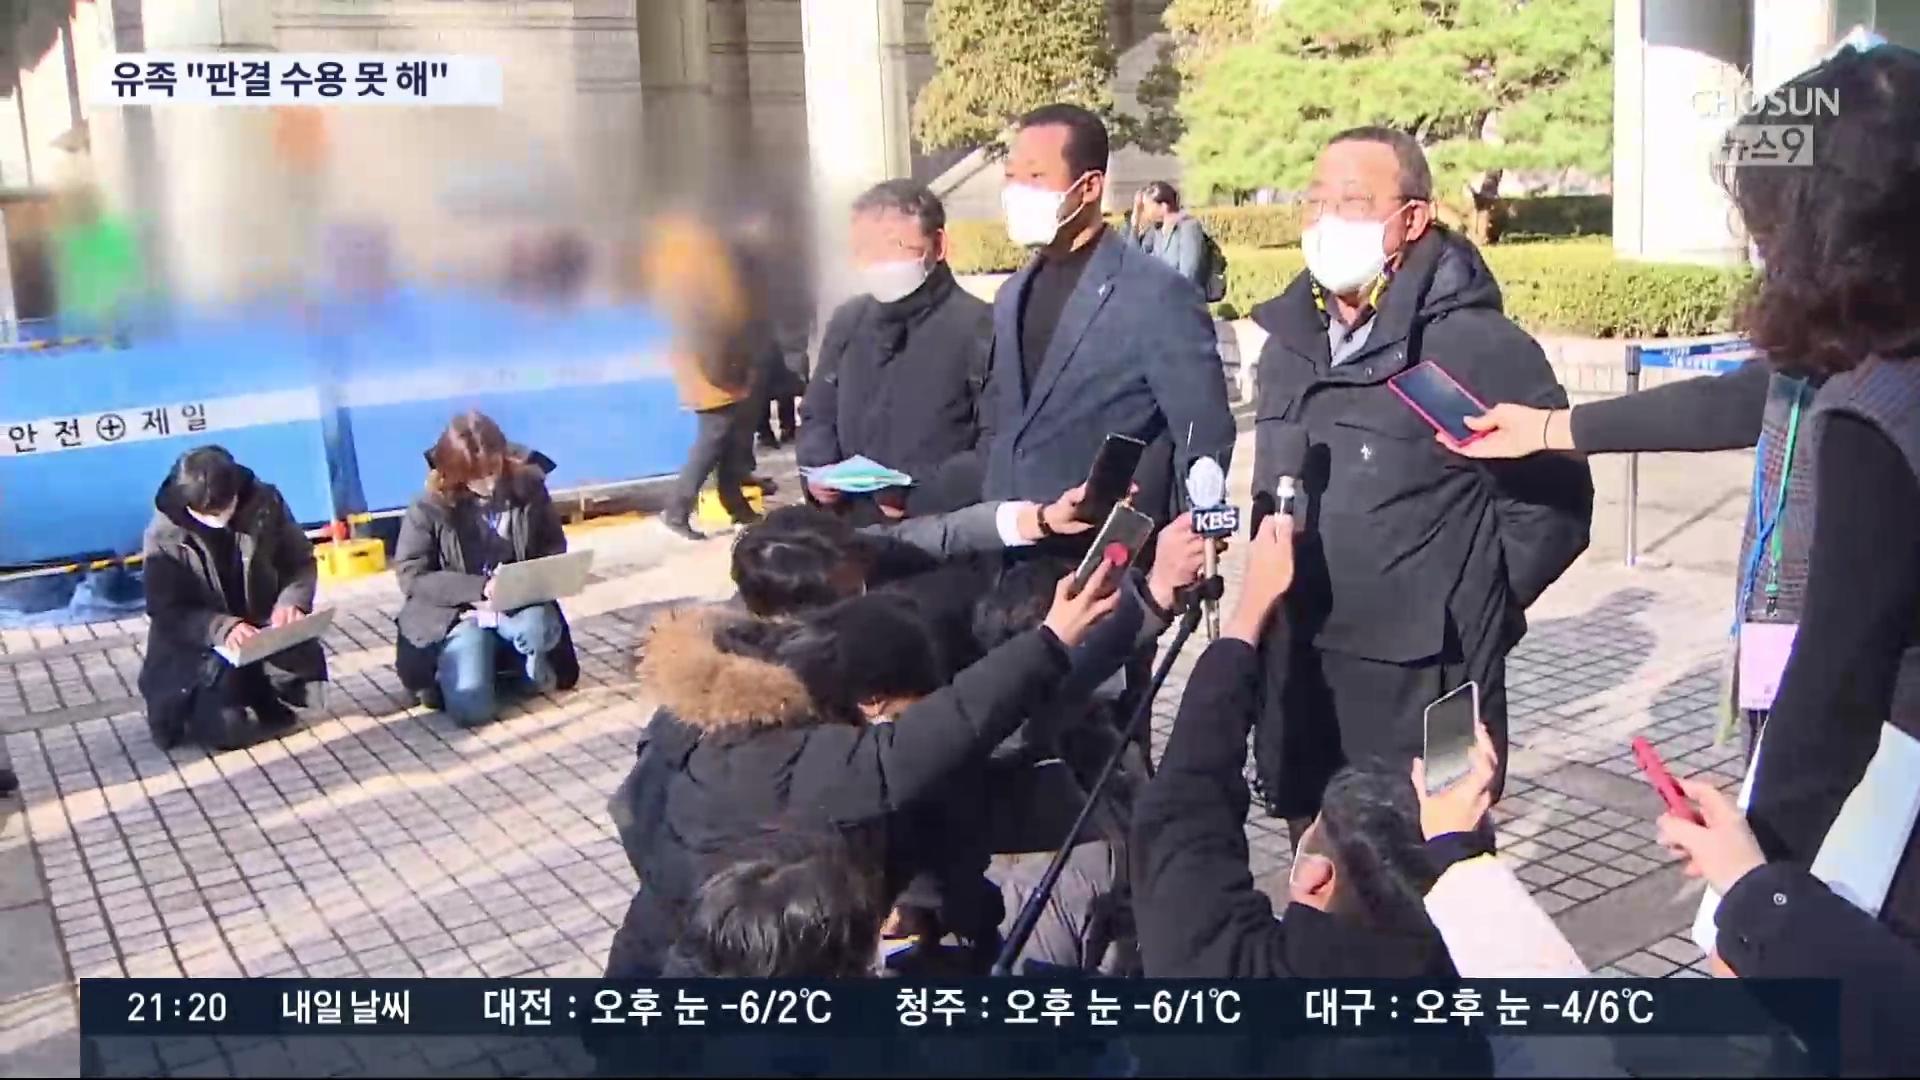 세월호 유가족 '면죄부 준 판결'…법원 '판결 비판 감수'